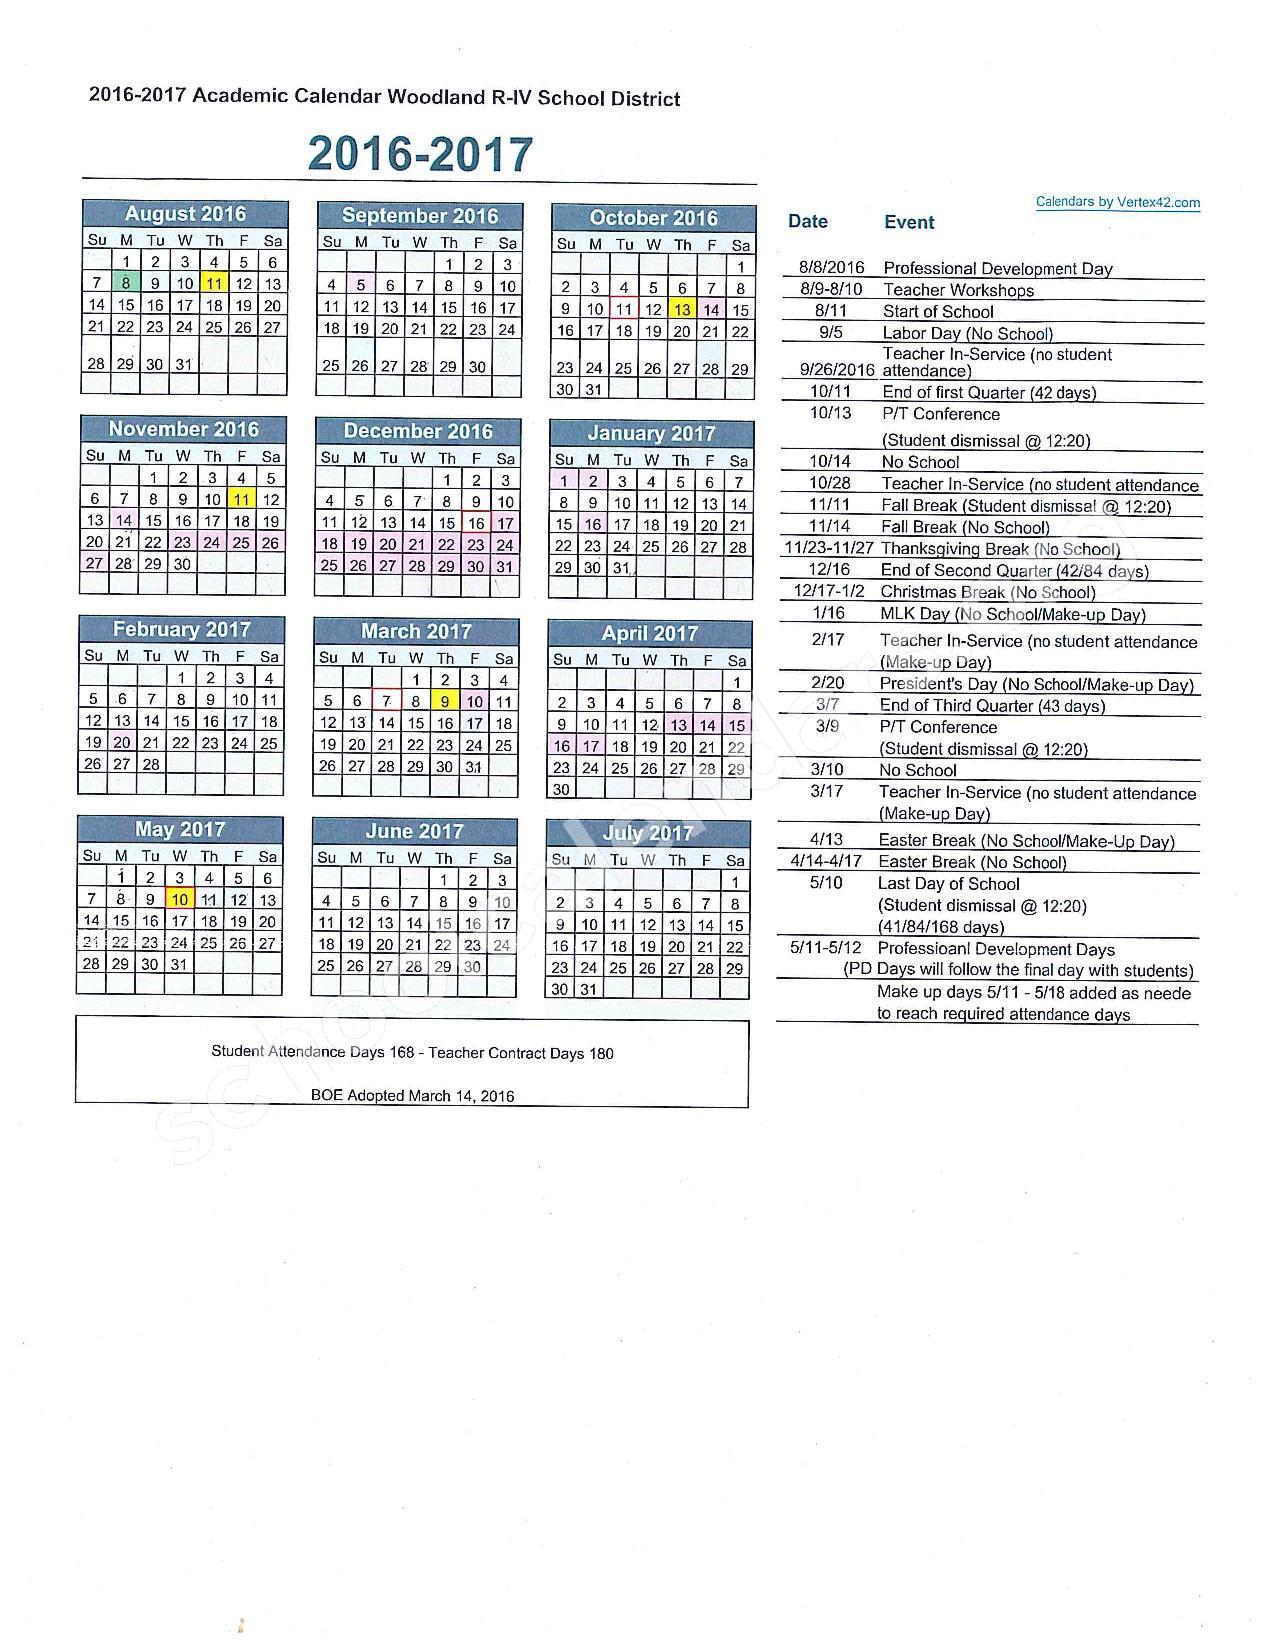 2016 - 2017 School Calendar – Woodland R-IV School District – page 1